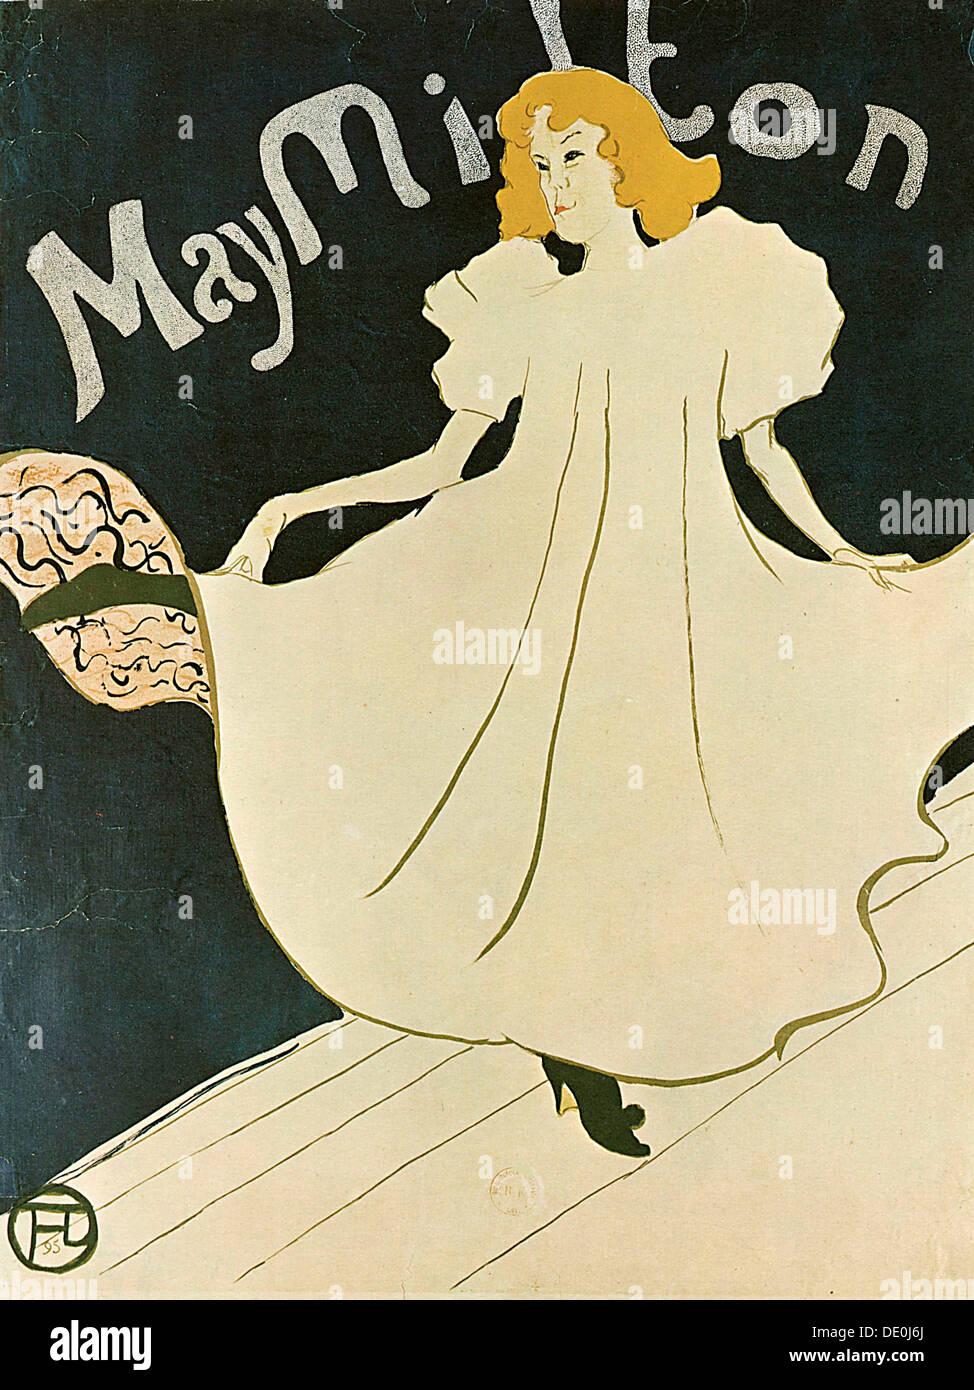 May Milton, 1895.  Artist: Henri de Toulouse-Lautrec - Stock Image